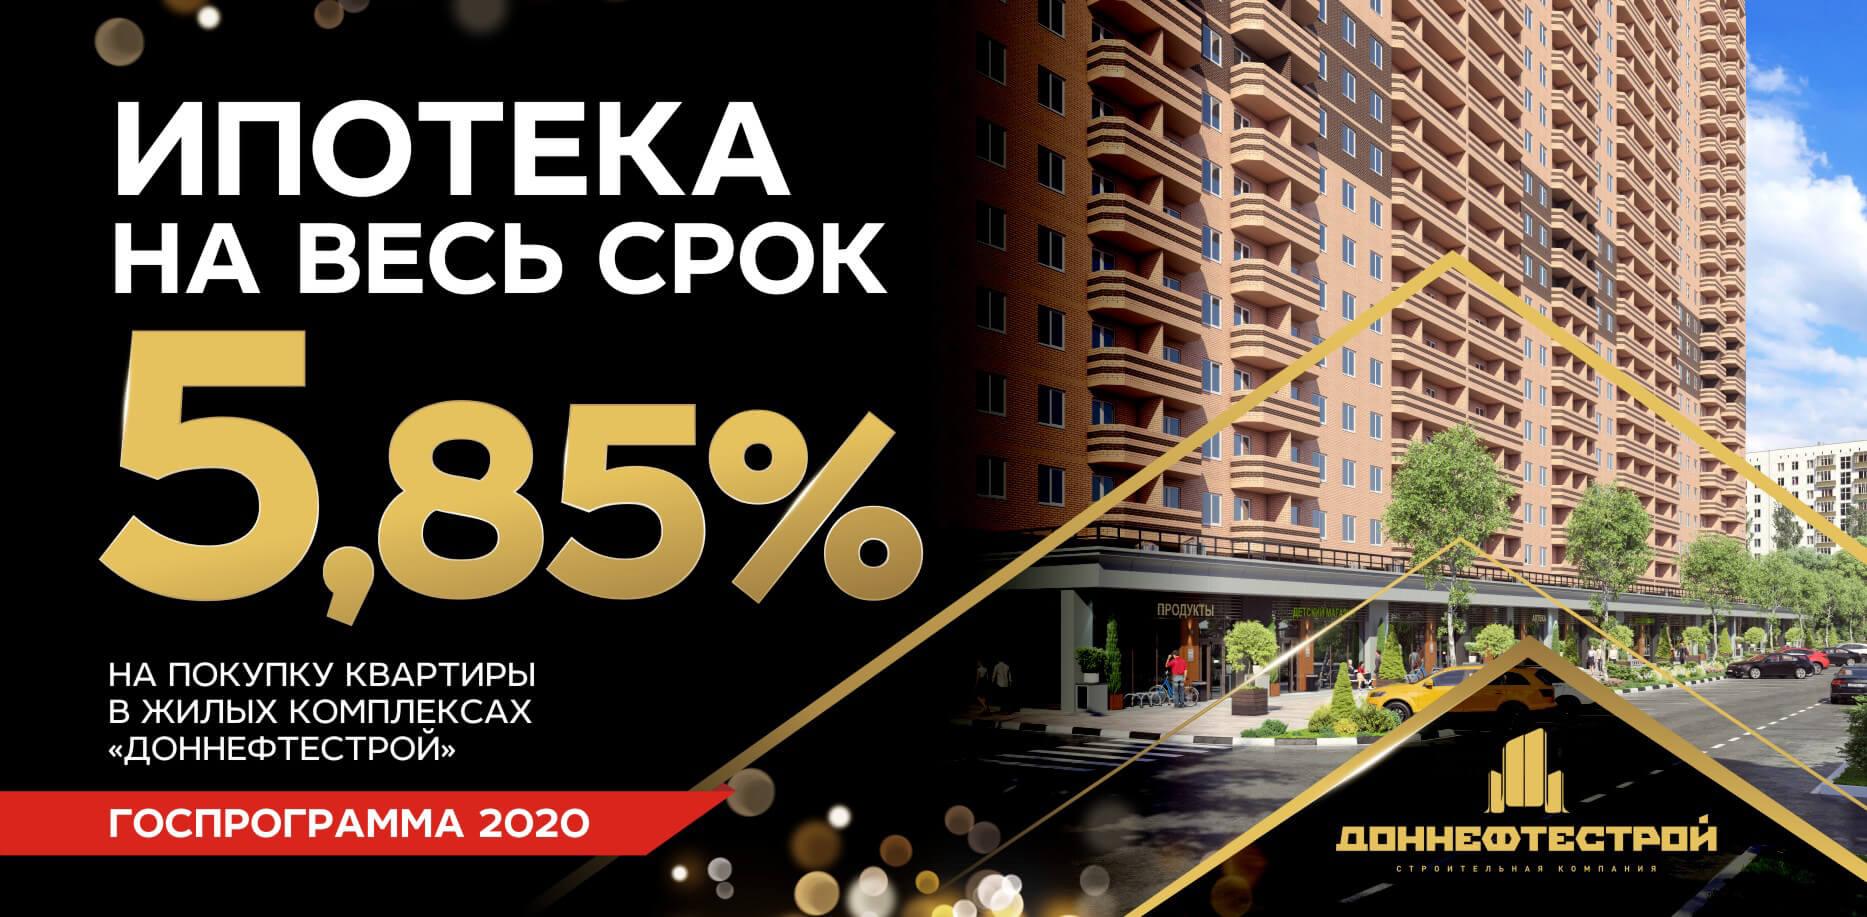 «ДОННЕФТЕСТРОЙ» предлагает квартиры в ипотеку по ставке 5,85% на весь срок - фото 1